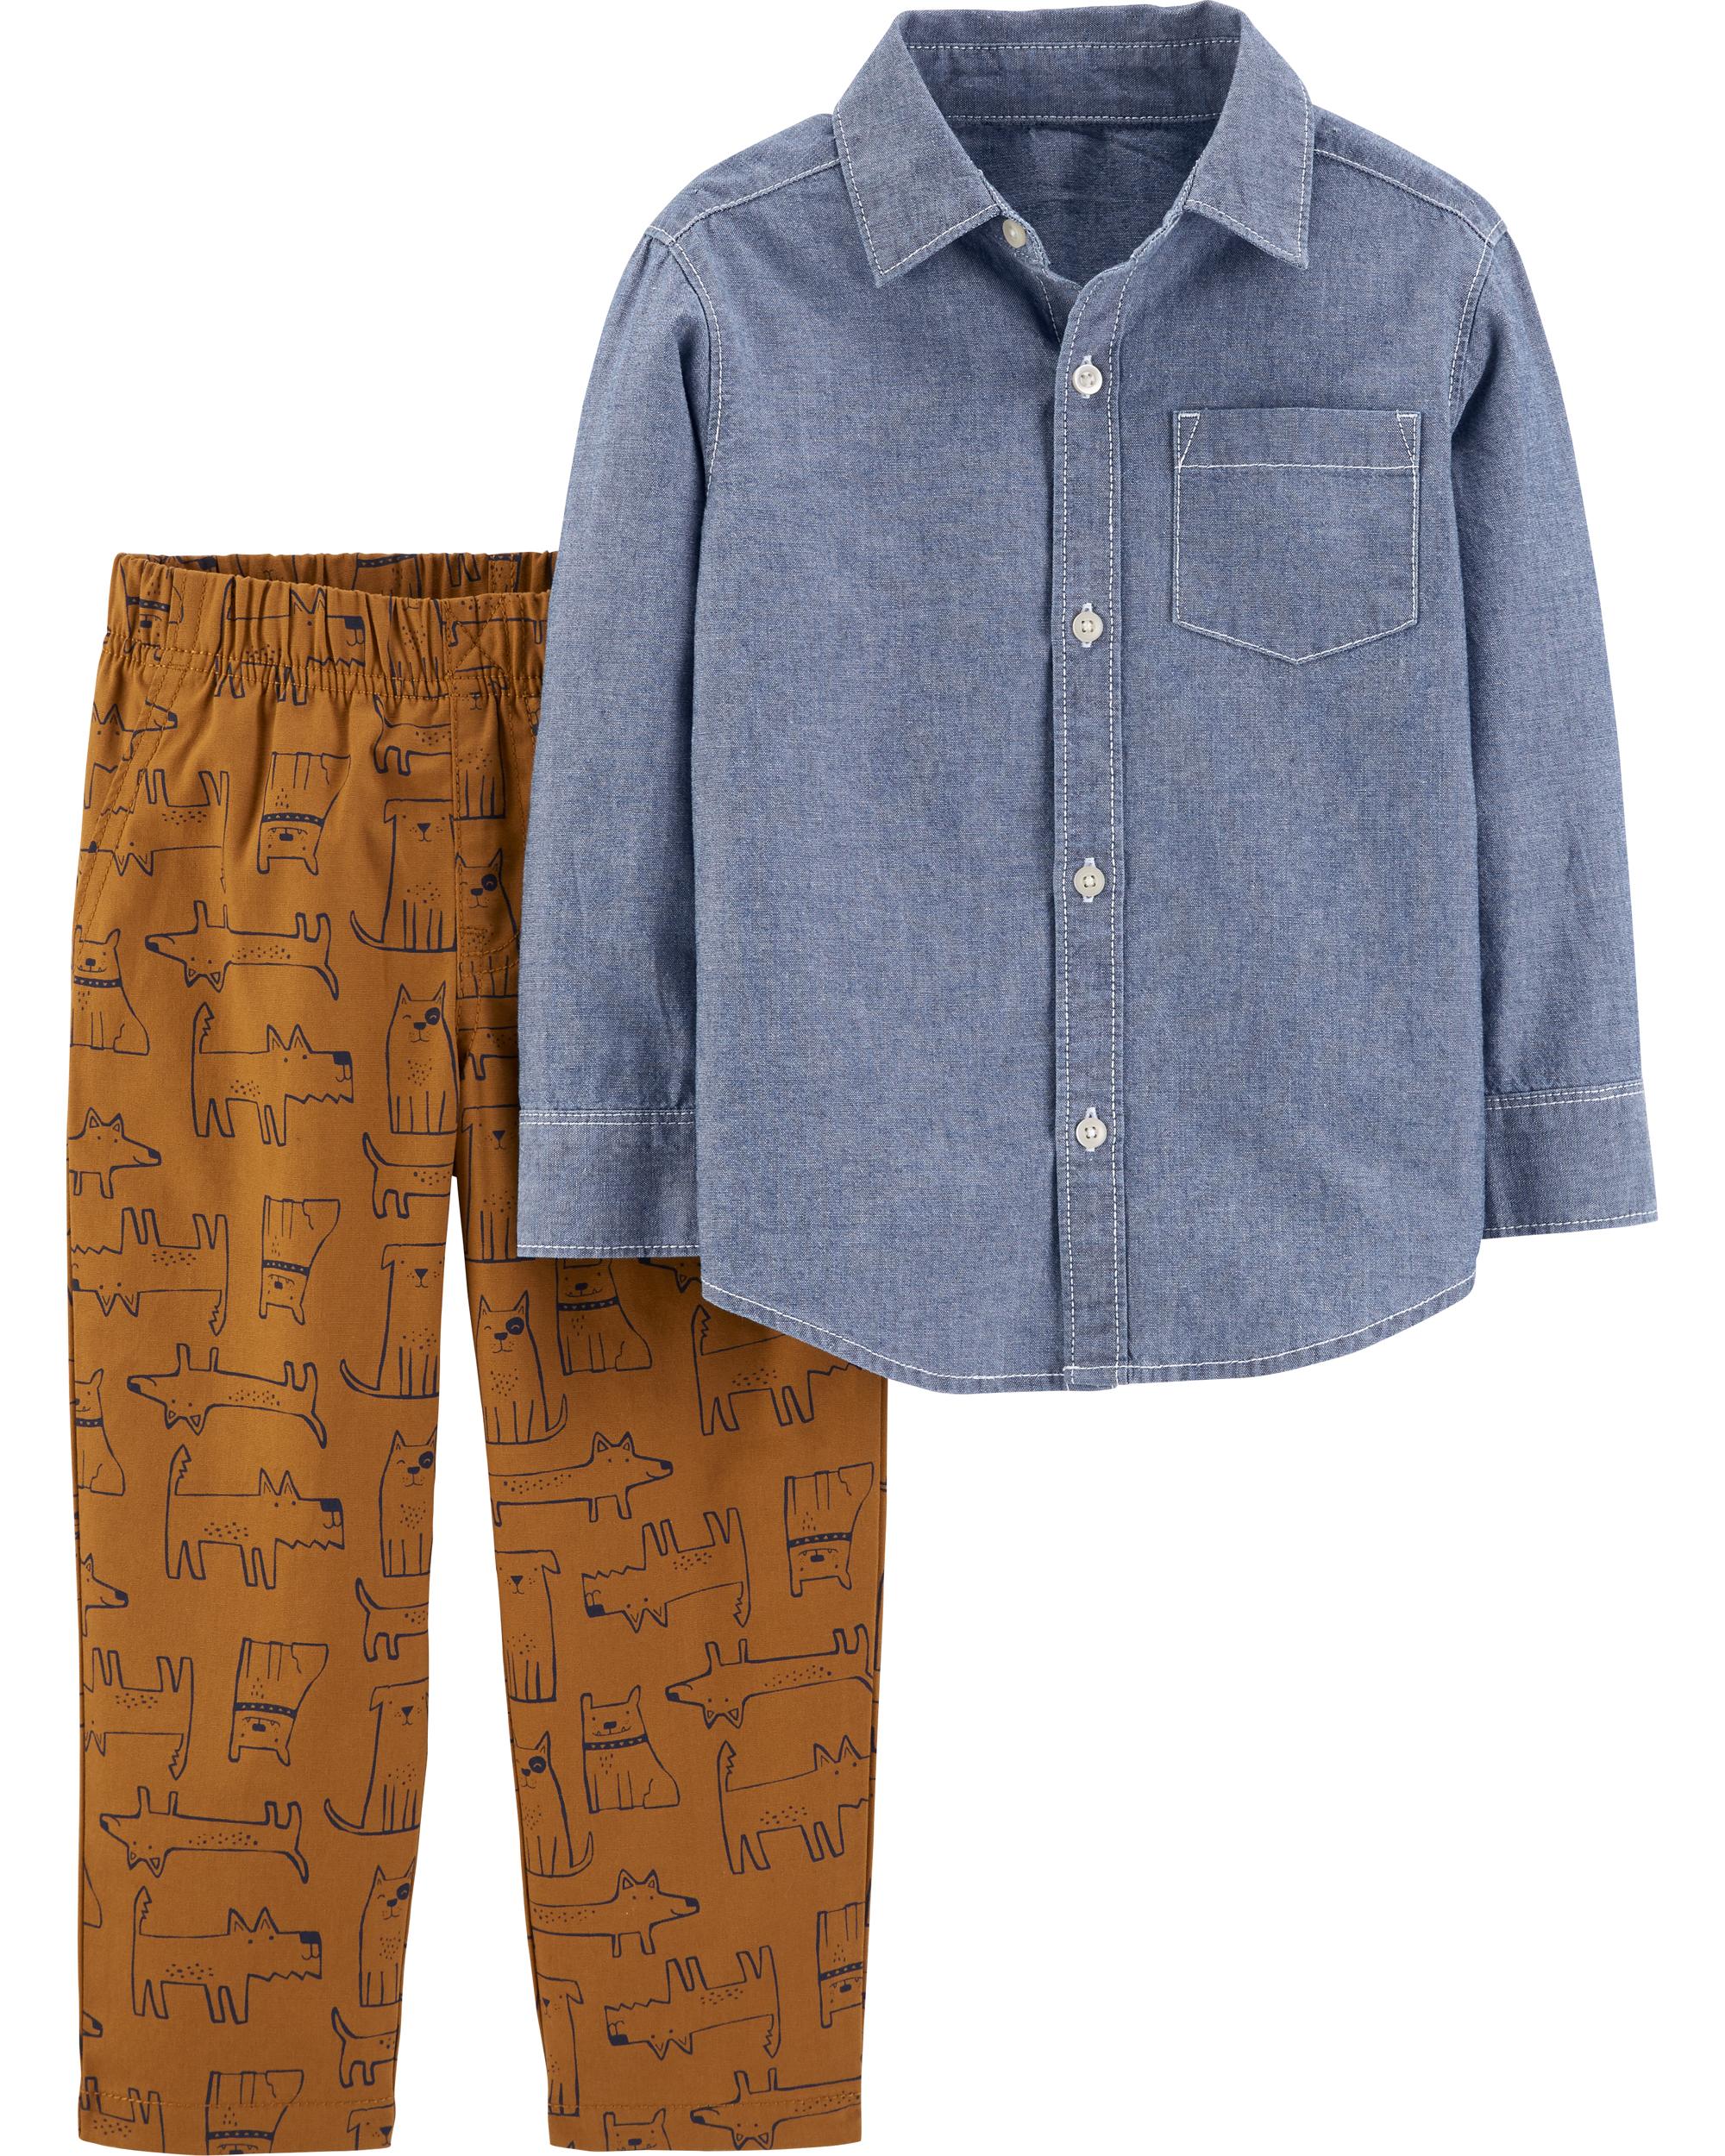 חולצת אריג מכופתרת ומכנס אריג